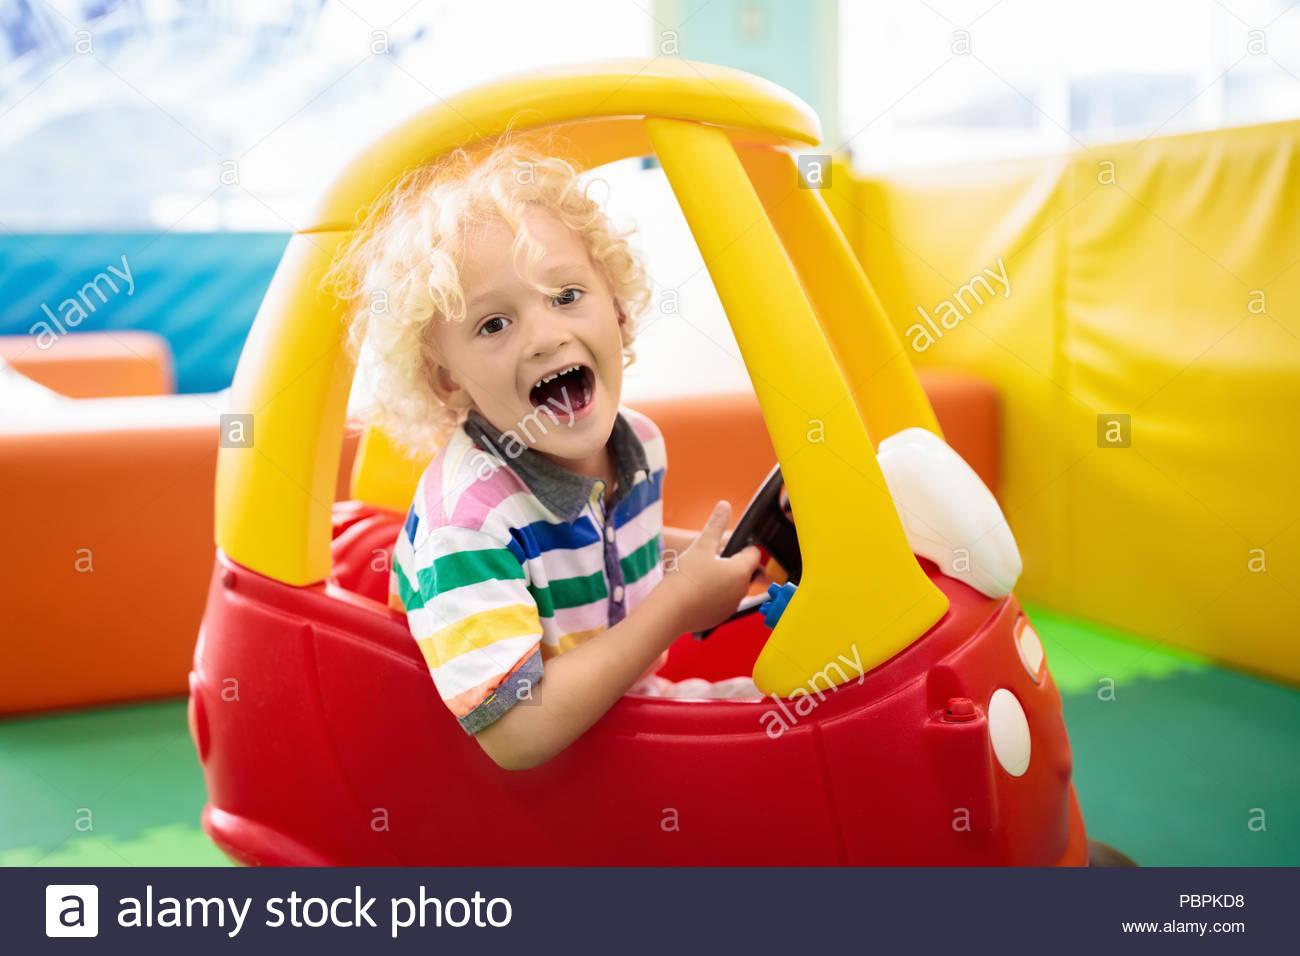 Équitation Enfant Petite Voiture. Petit Garçon Jouant Avec intérieur Jeux De Voiture Pour Petit